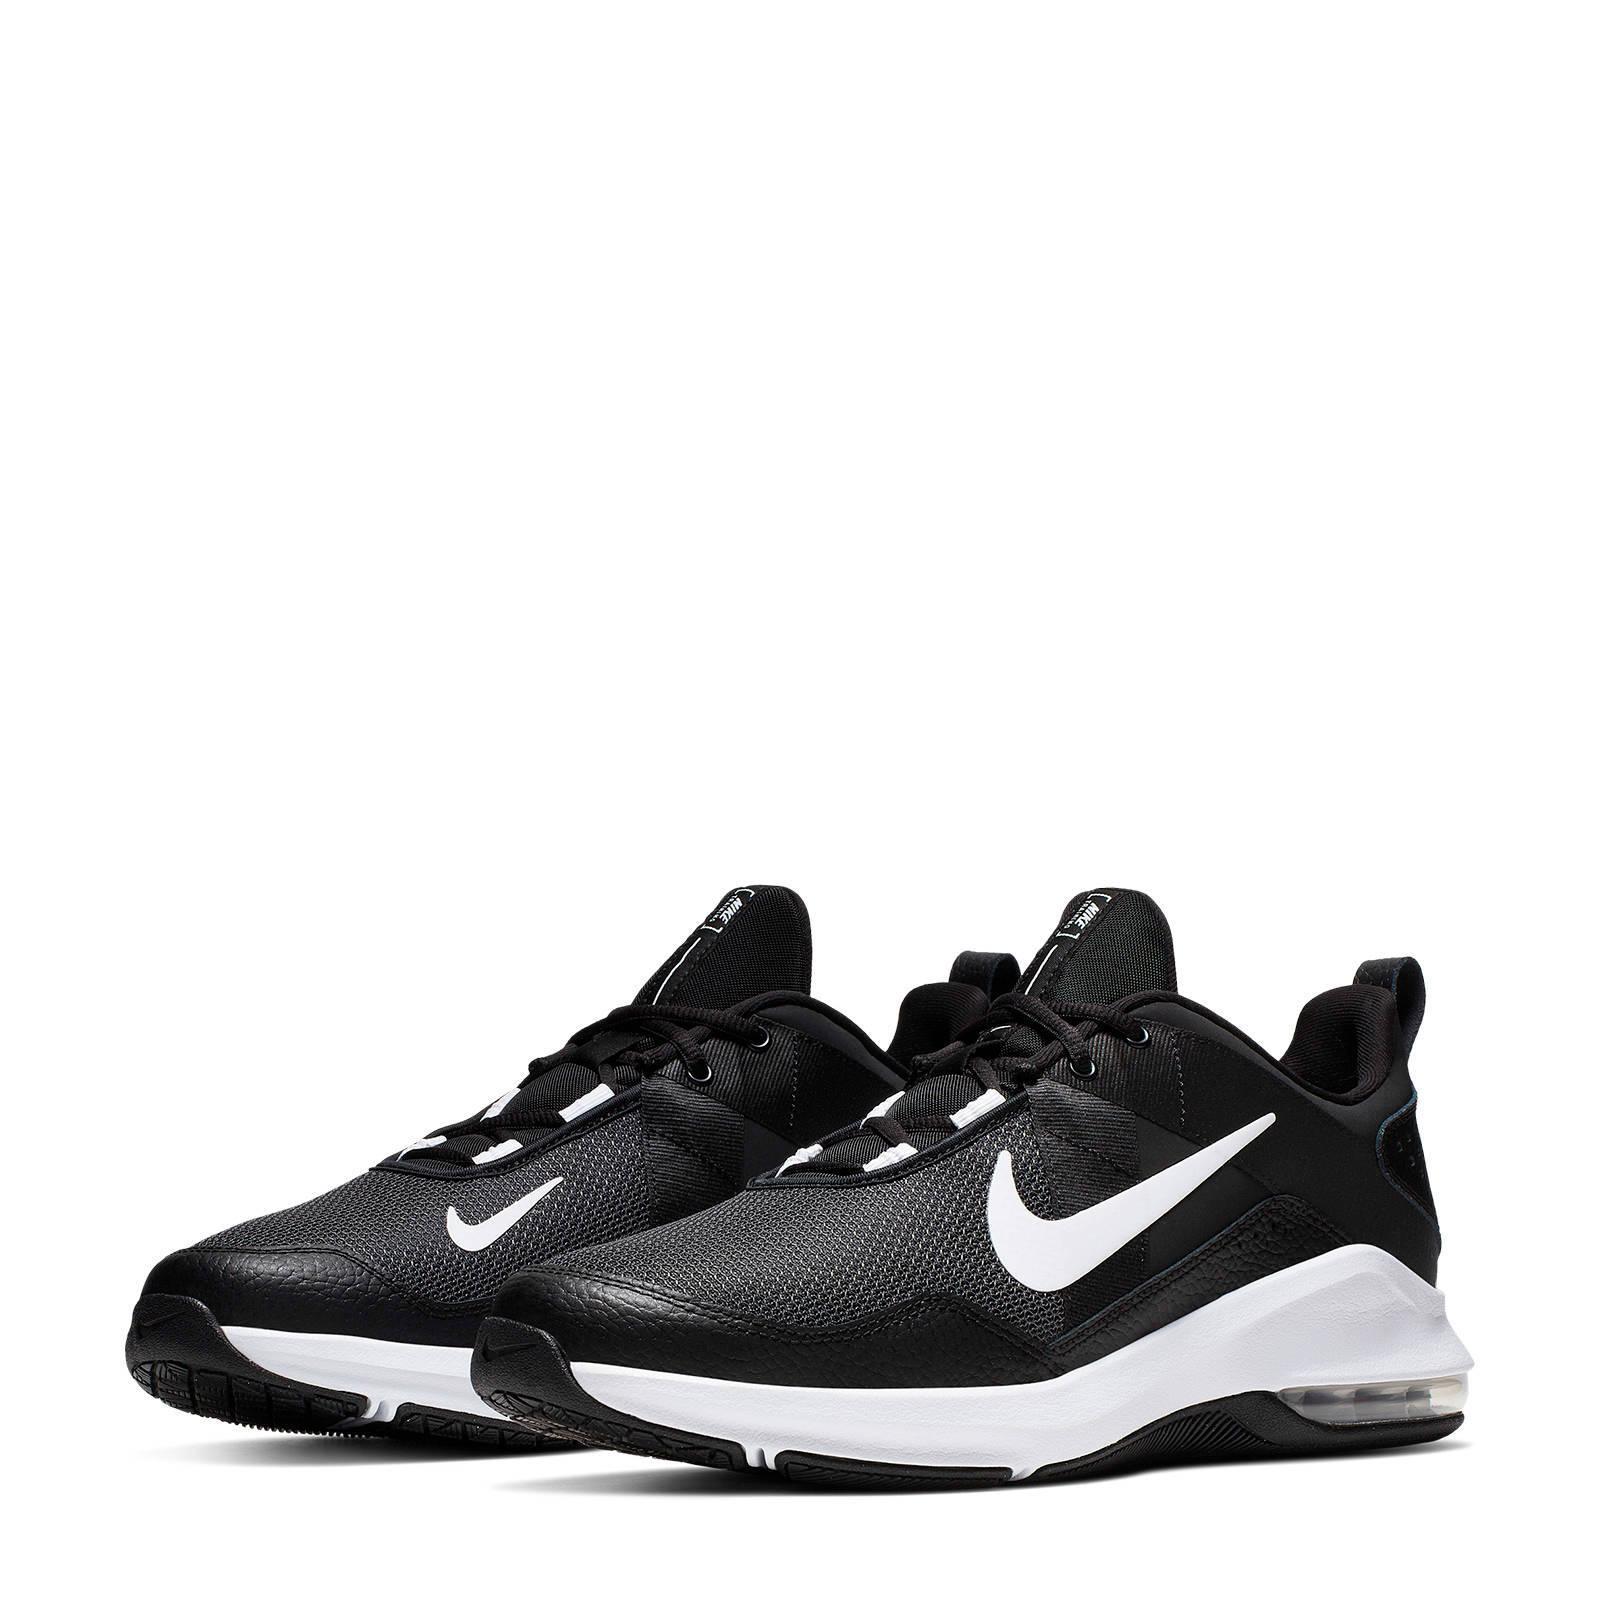 Nike Air Max Alpha Trainer 2 sportschoenen zwartwit | wehkamp